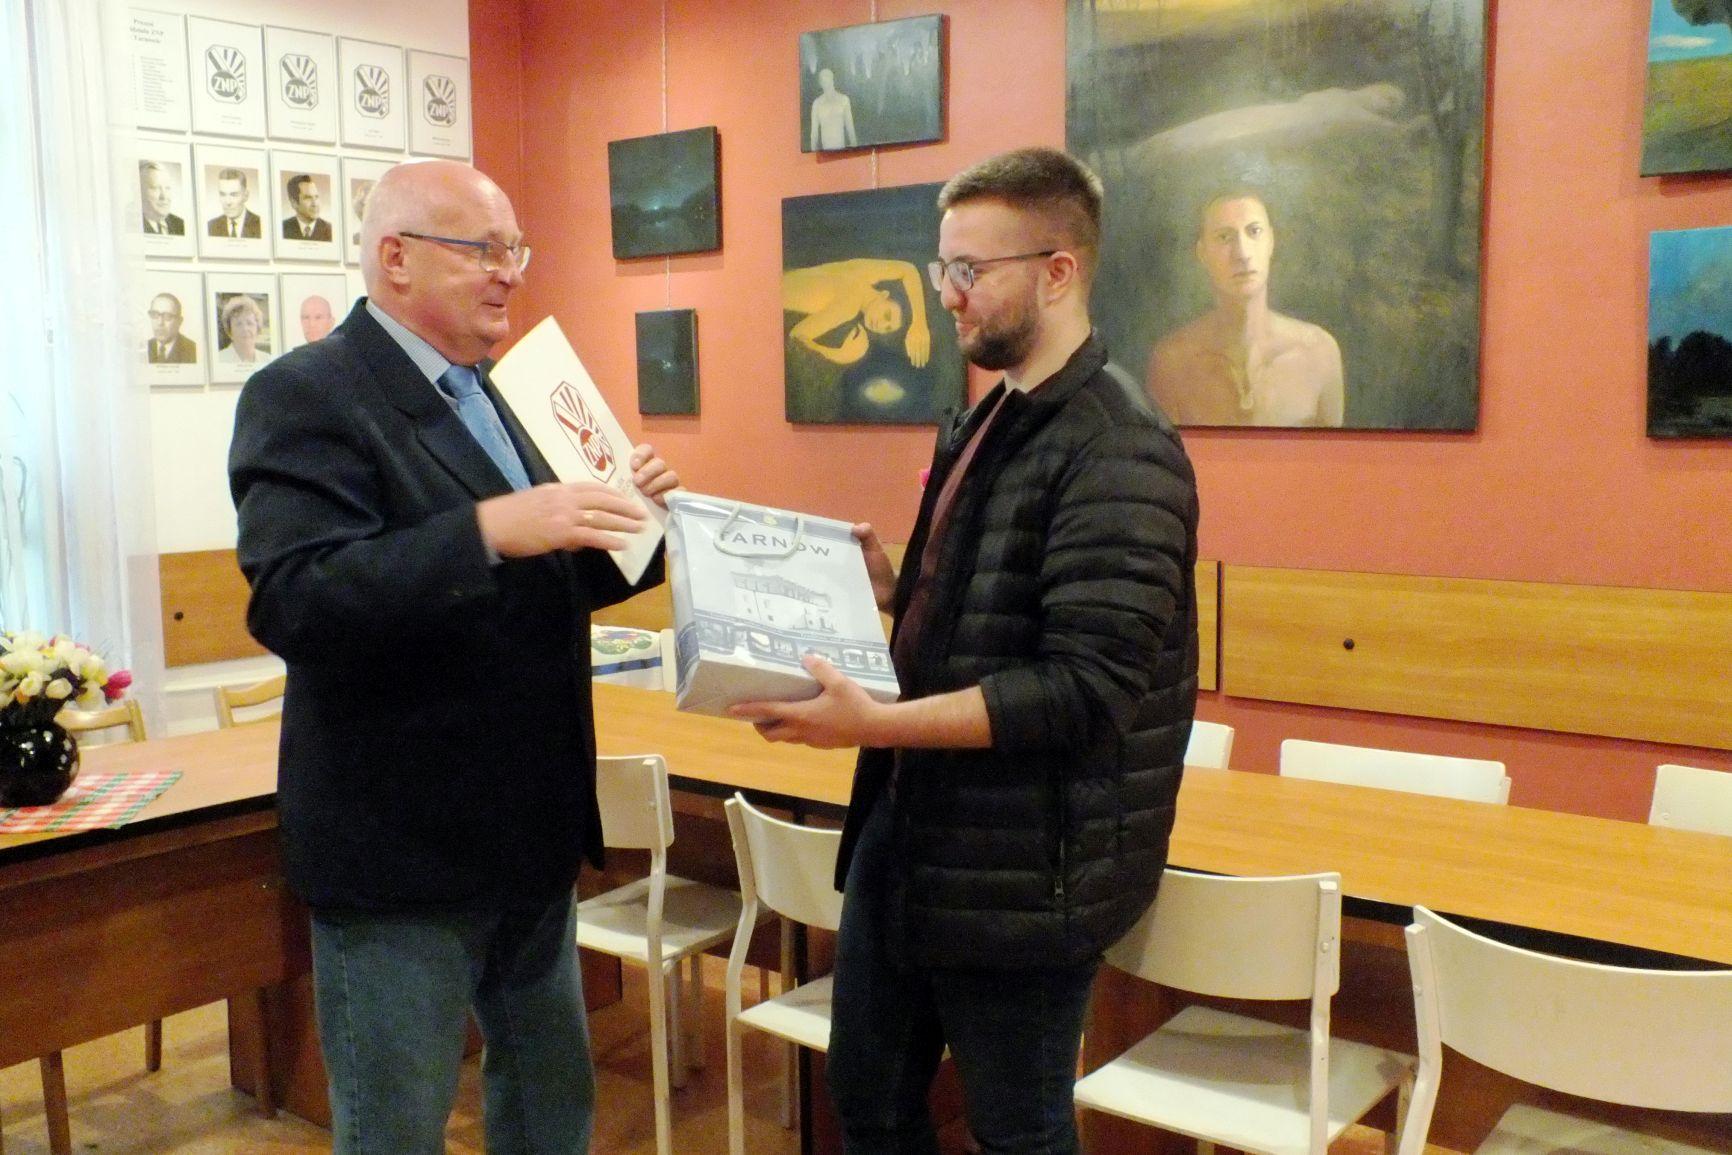 Oglądasz obraz z artykułu:   (Nie) Obecność  wystawa Fryderyka Kądzieli w Galerii Paleta ZNP